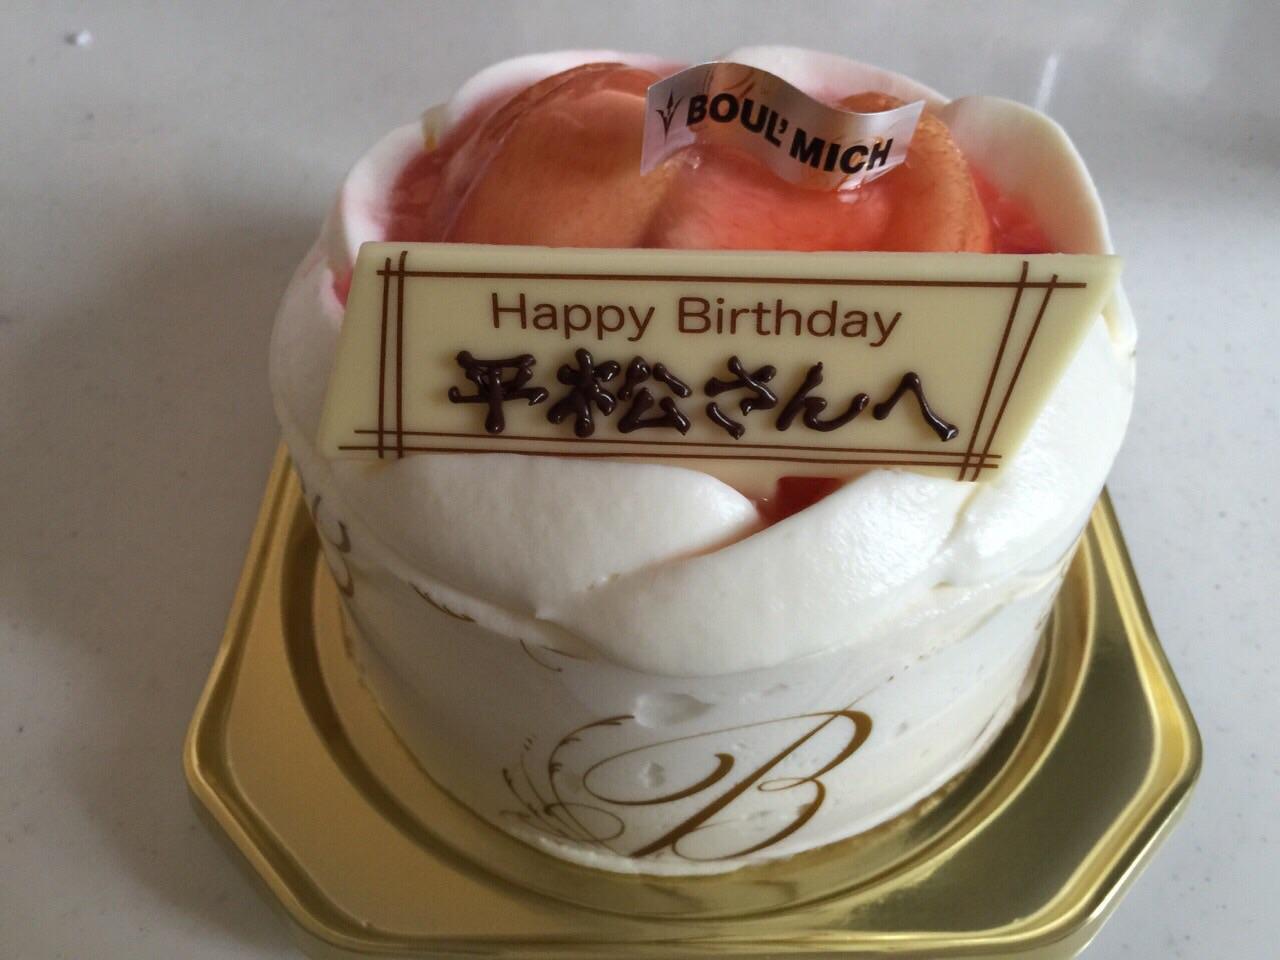 46歳の誕生日を福岡で柔道仲間にお祝いされ、プレゼントも!嬉しい!